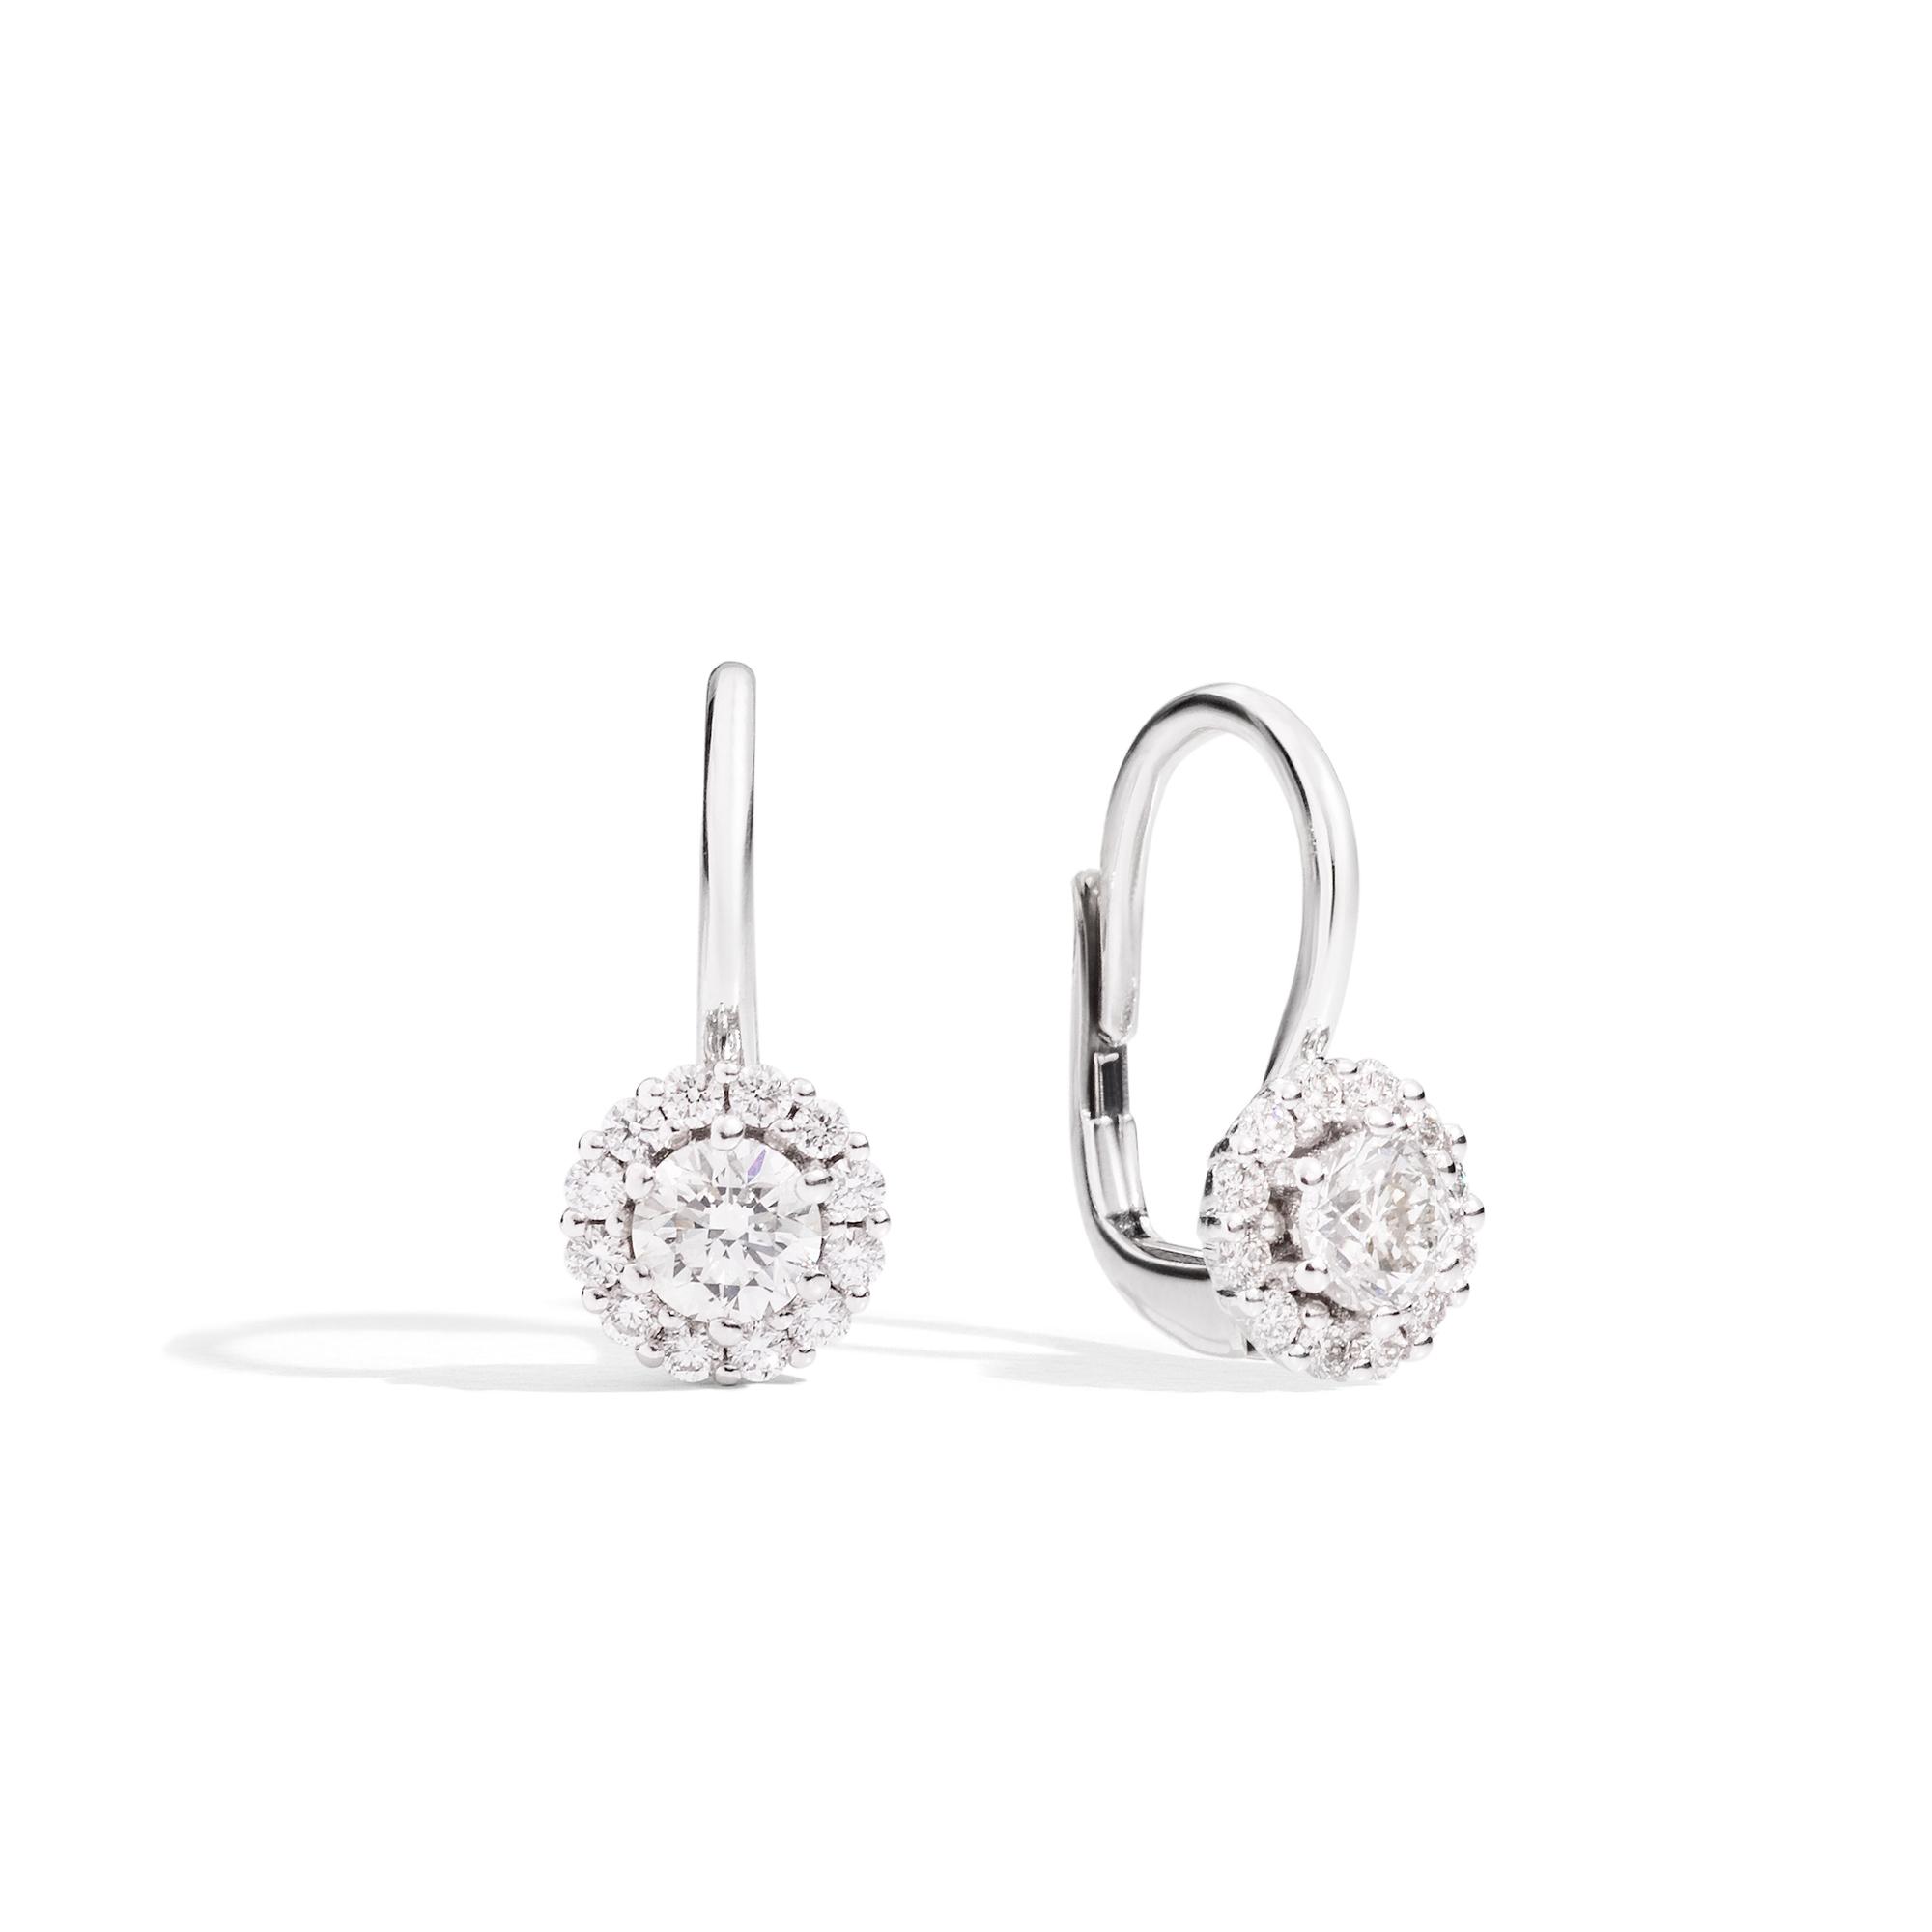 Orecchini punto luce a monachella con contorno in diamanti - SOFIA